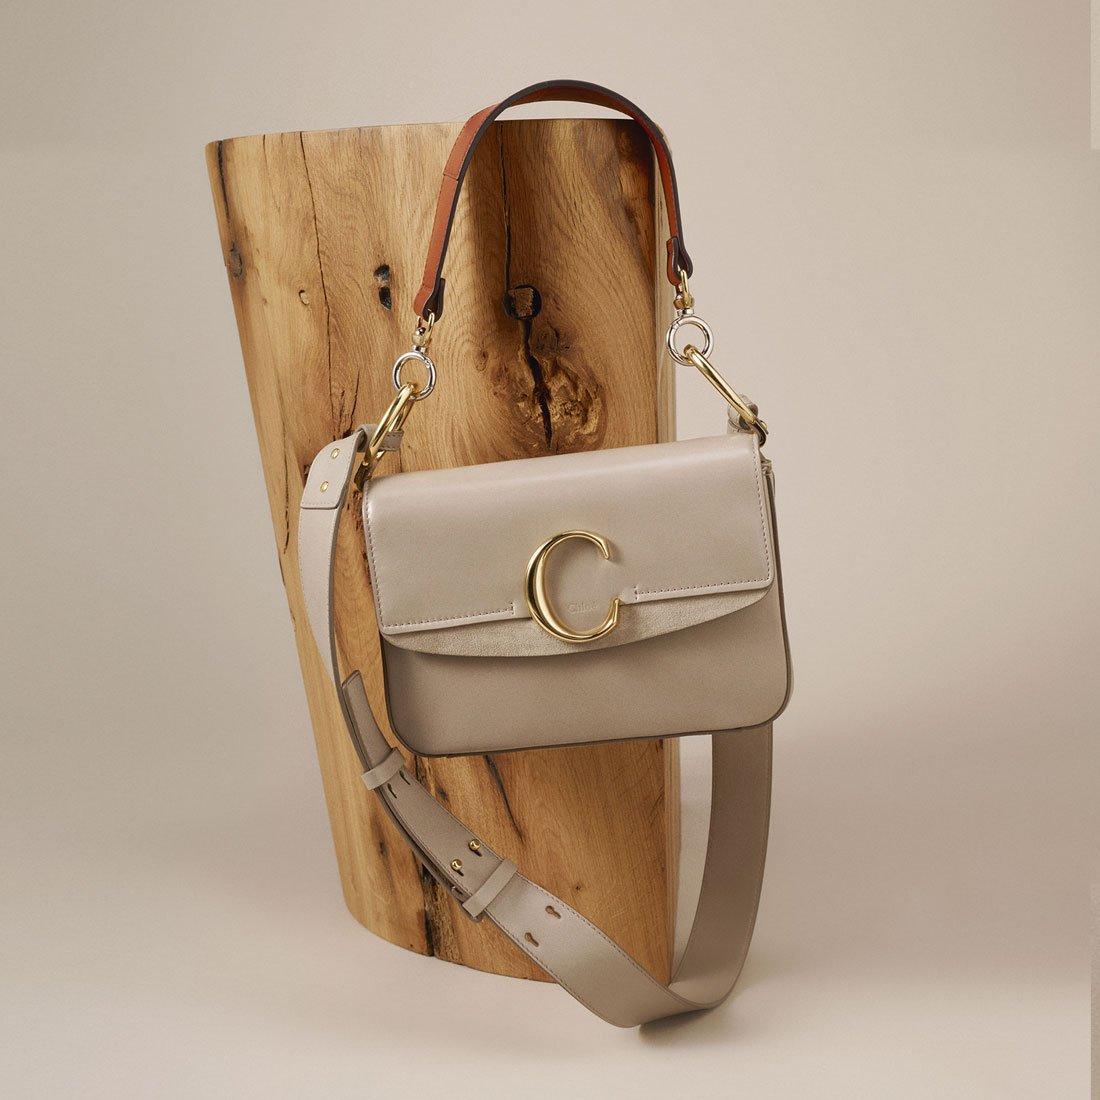 Хит сезона:<br>новые модели сумок